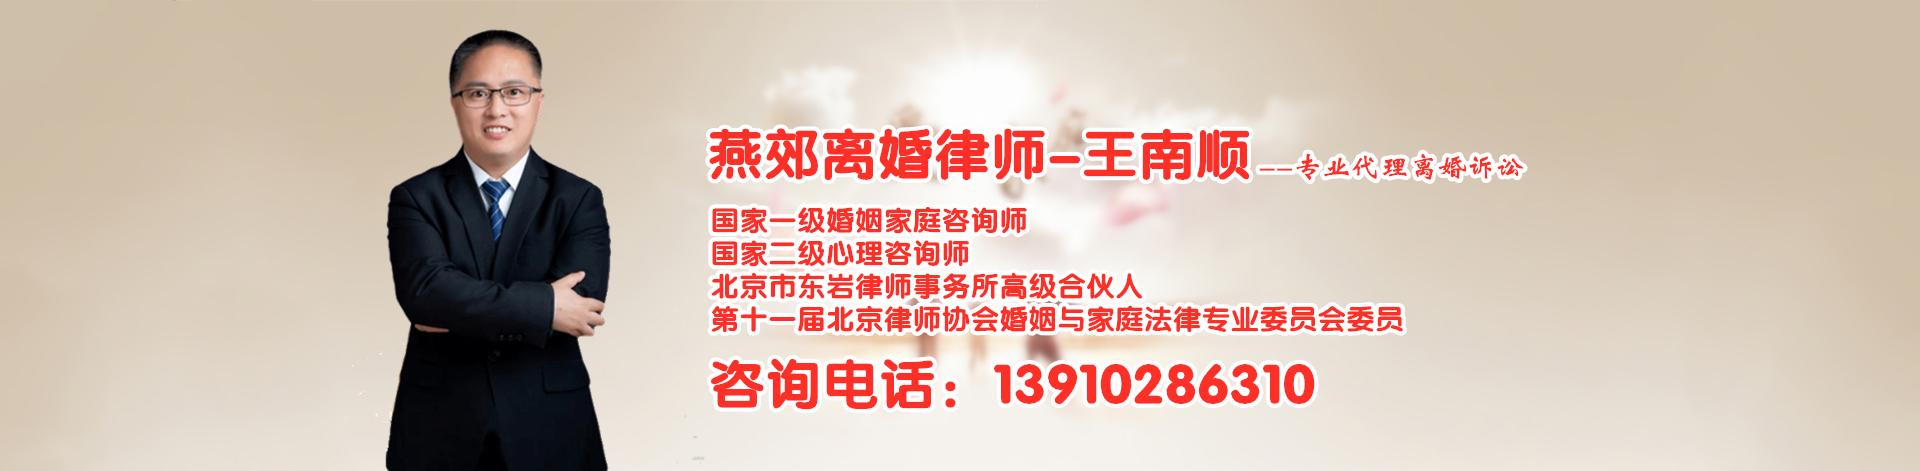 燕郊离婚律师王南顺:资深离婚律师在线免费咨询